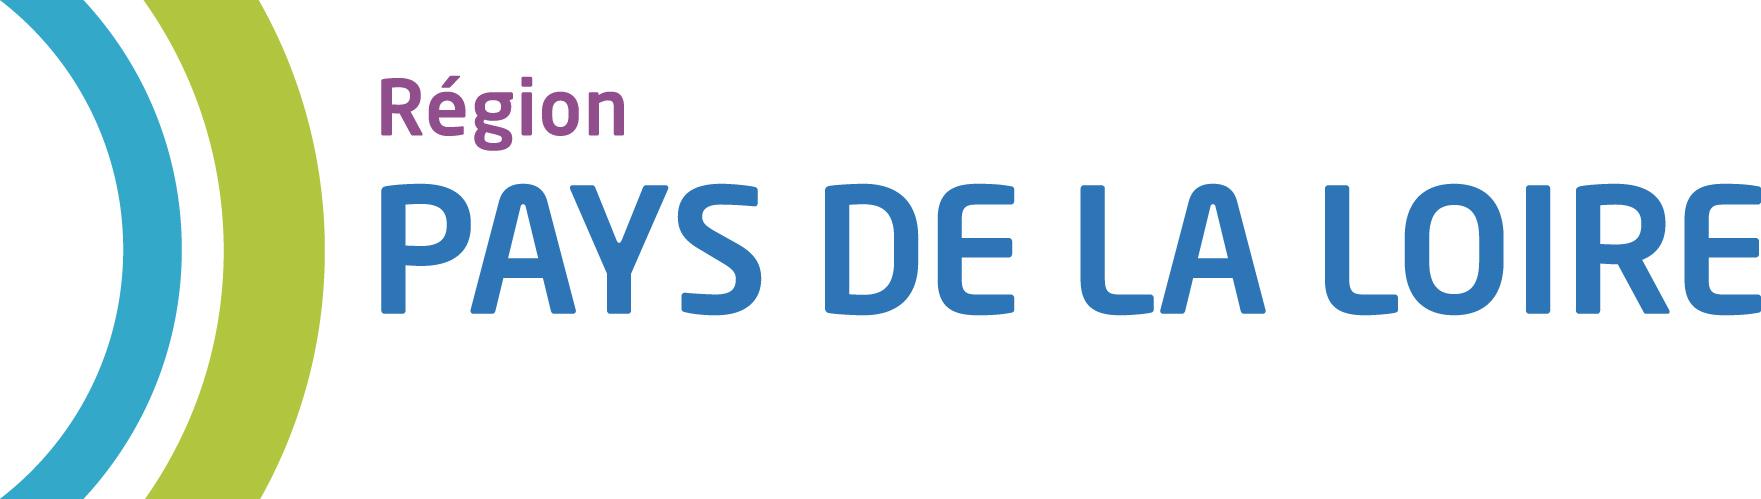 REGION DES PAYS DE LA LOIRE